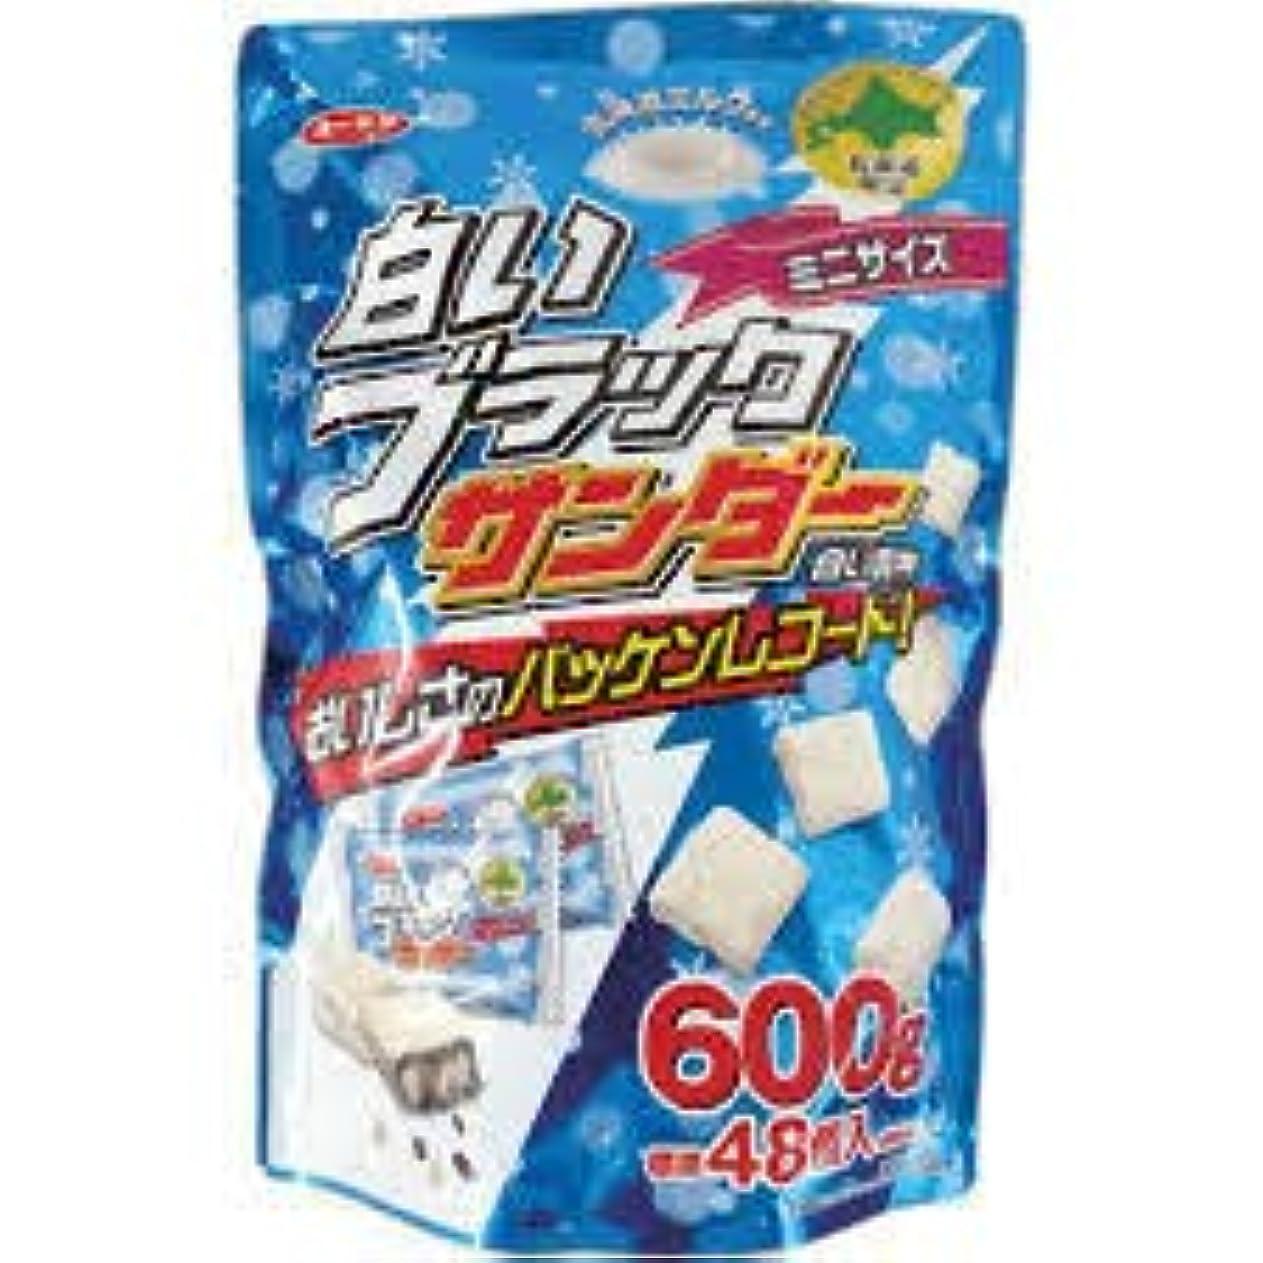 押す提唱する迷惑白いブラックサンダー ミニサイズ ビッグシェアパック(48入) 有楽製菓